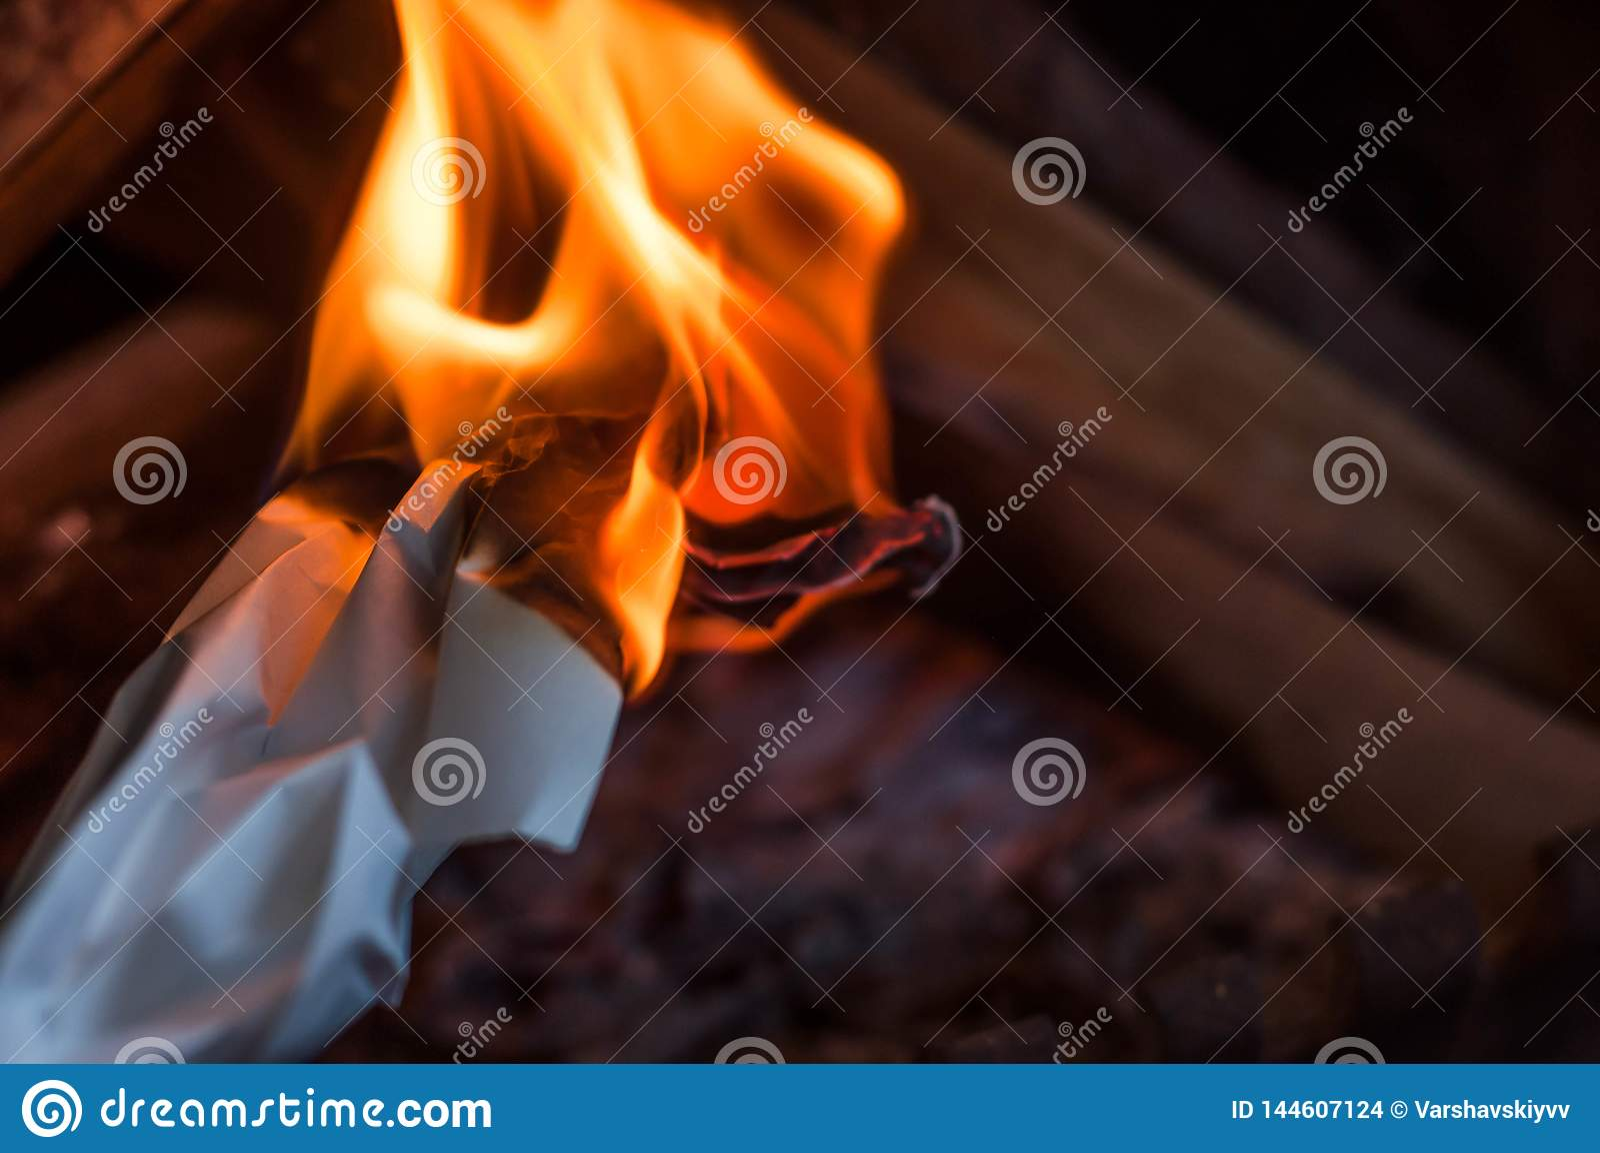 Лист бумаги горя с красным оранжевым ярким пламенем с жарой